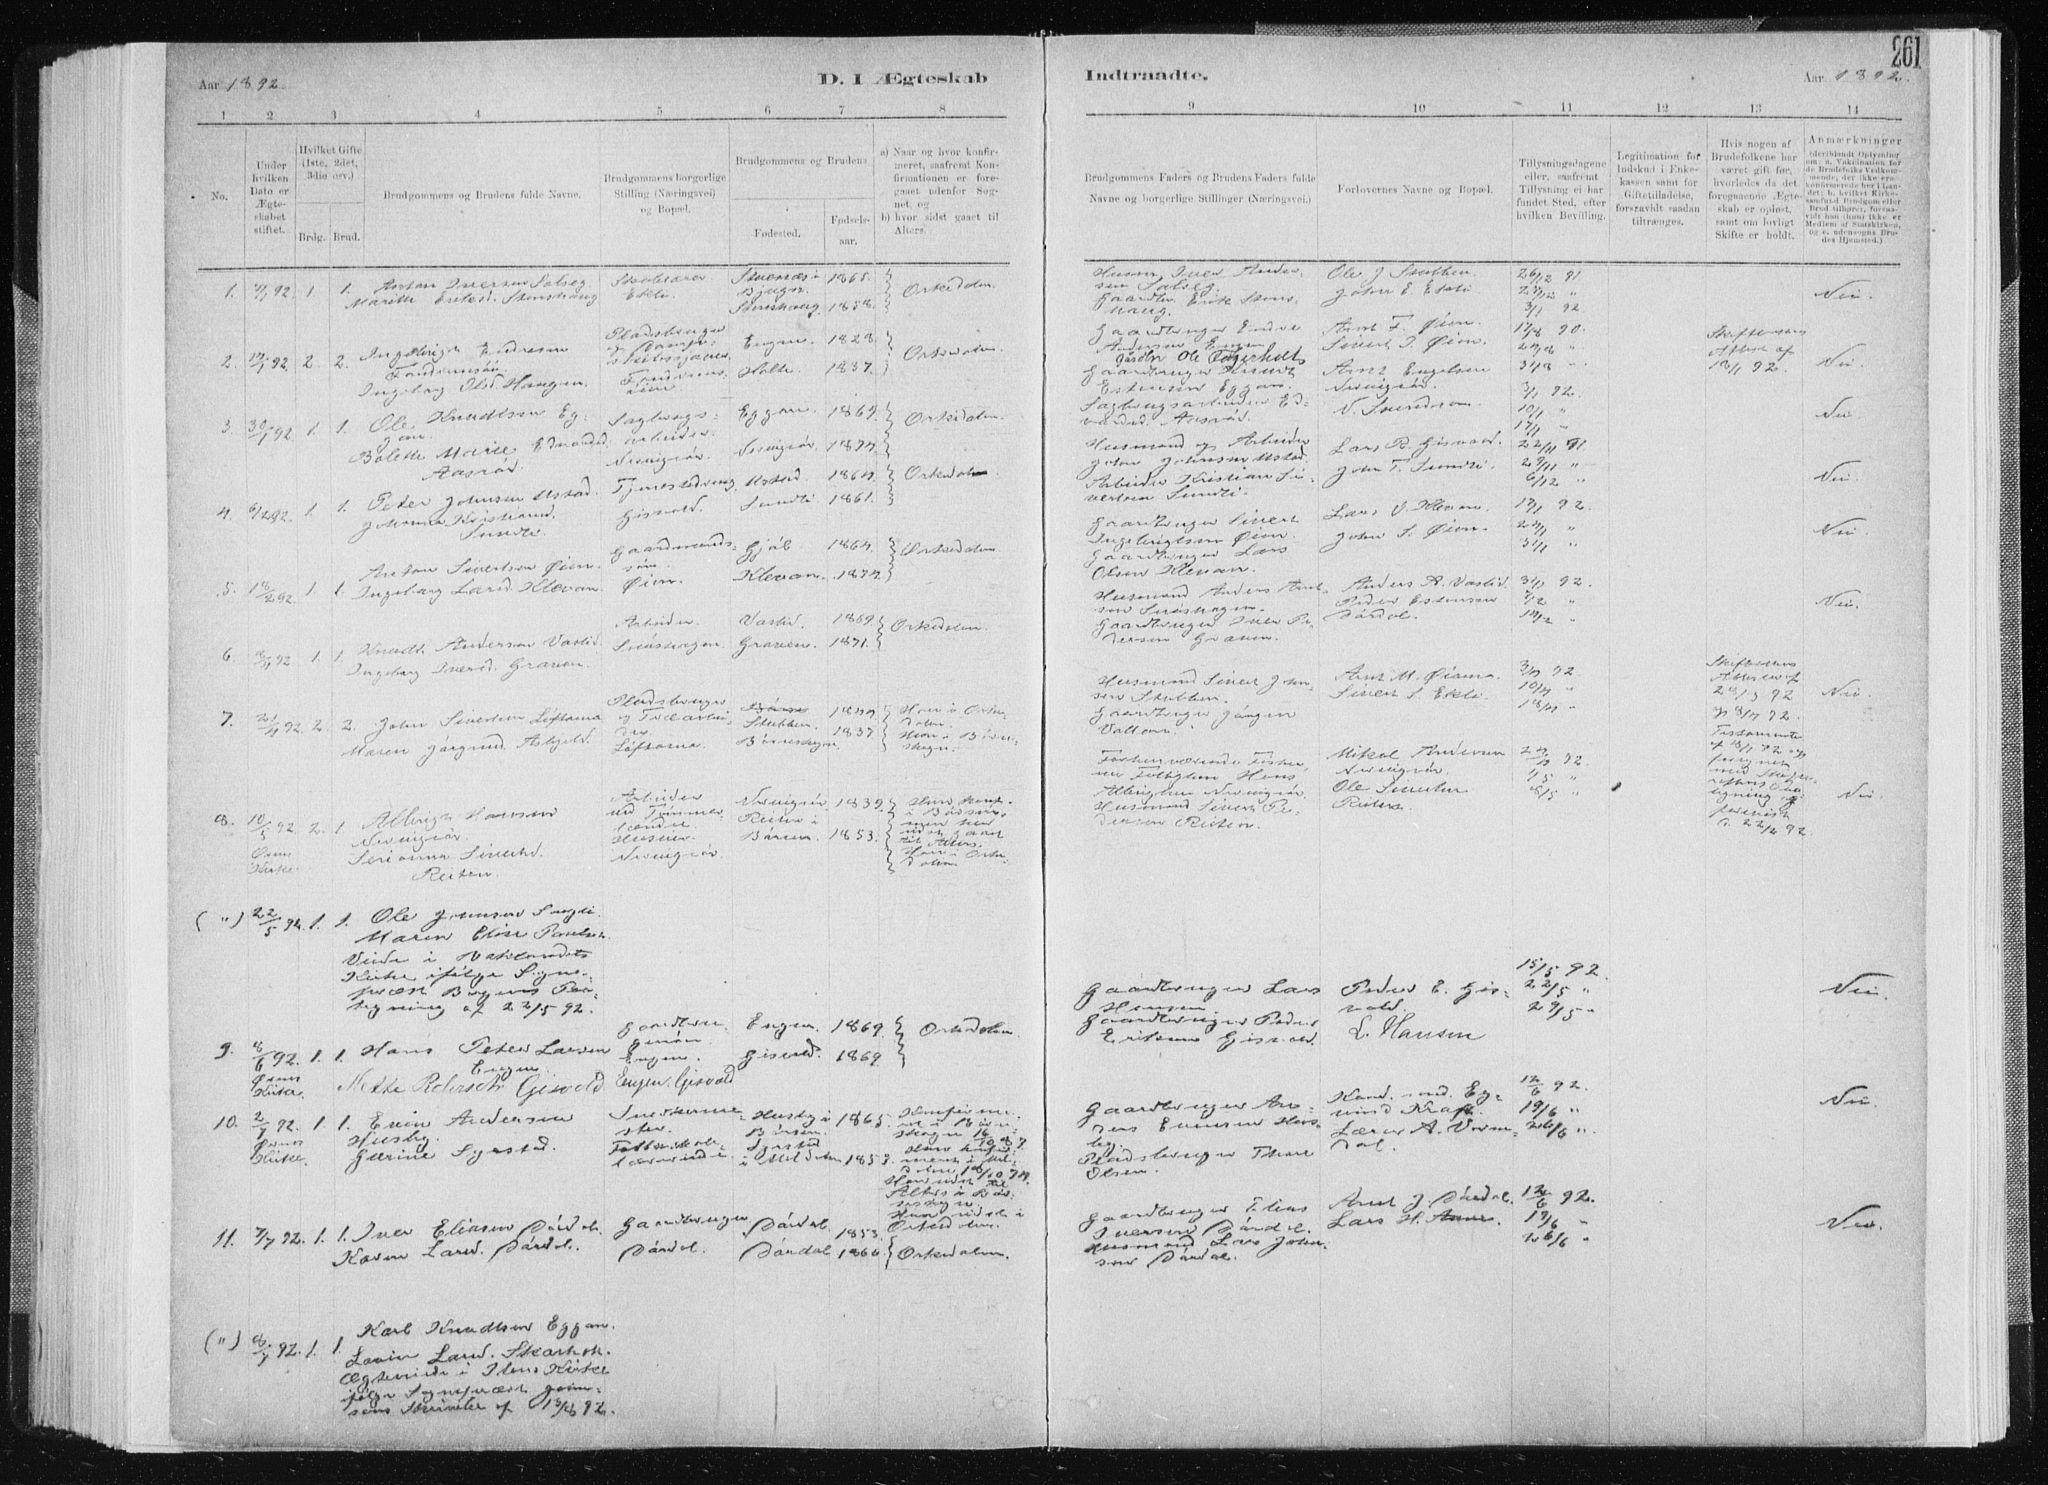 SAT, Ministerialprotokoller, klokkerbøker og fødselsregistre - Sør-Trøndelag, 668/L0818: Klokkerbok nr. 668C07, 1885-1898, s. 261